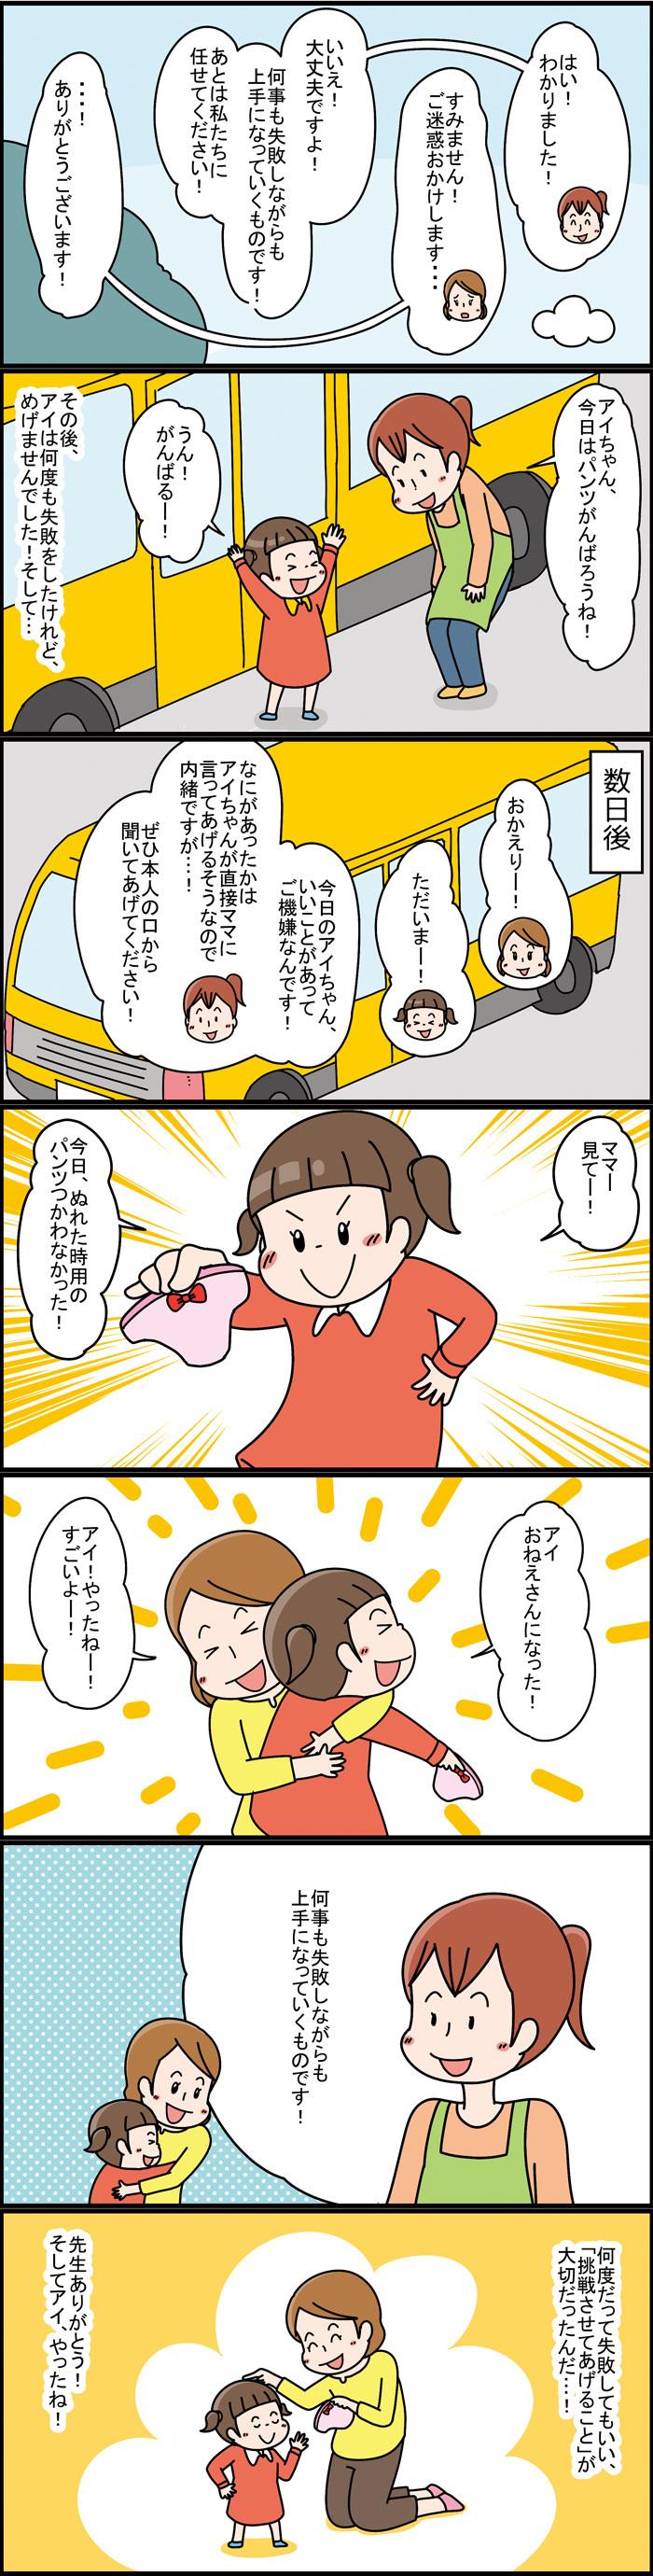 「おねえさんパンツで幼稚園いく!」にどう応える?トイトレの極意の画像4